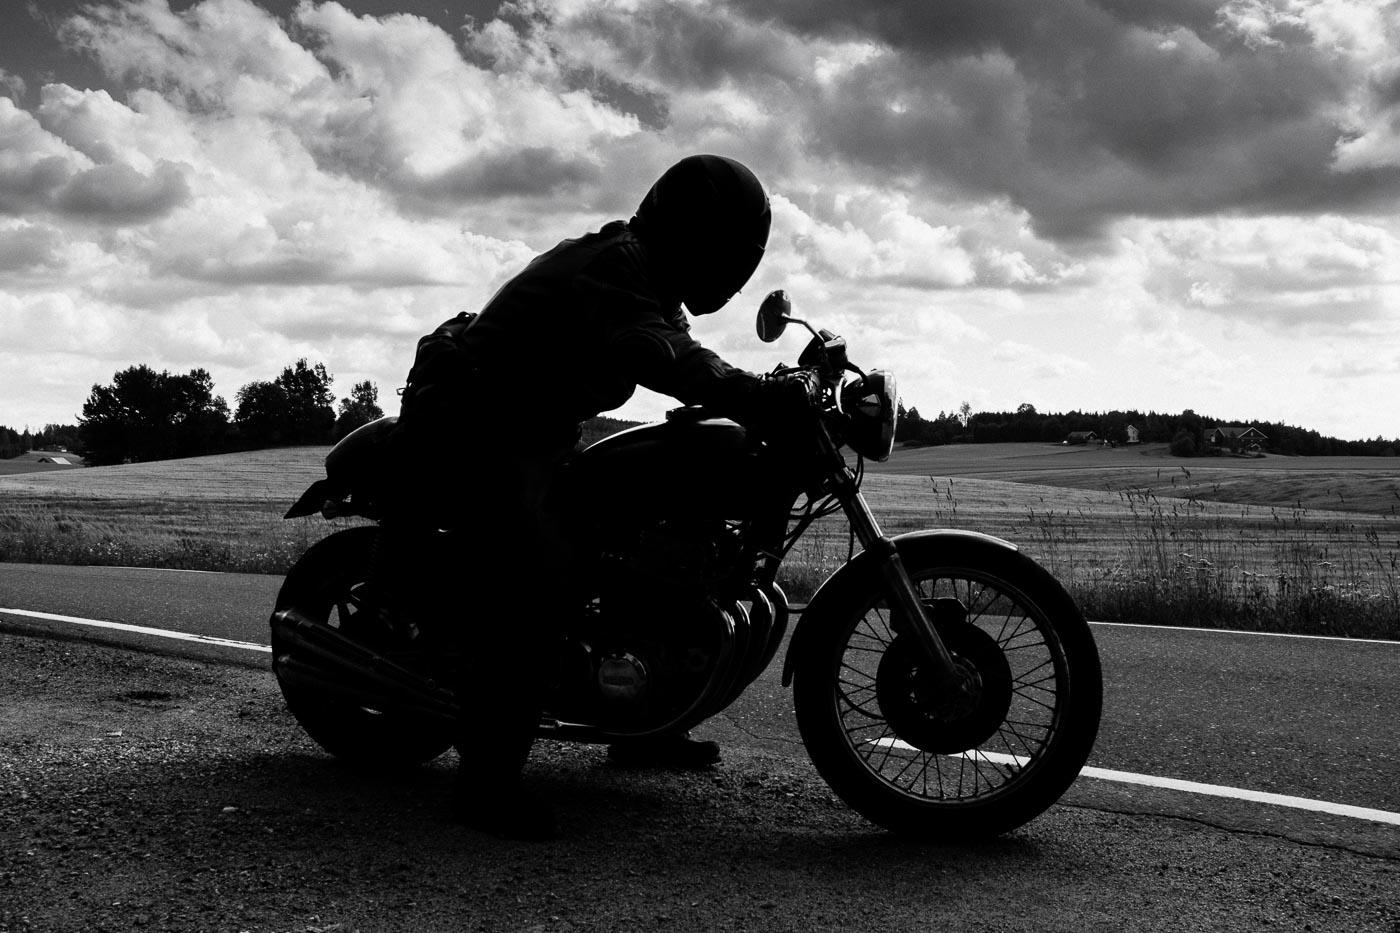 WilkieVintage_Motorcycle_Projects @ Alan Thomas Duncan Wilkie-37.jpg